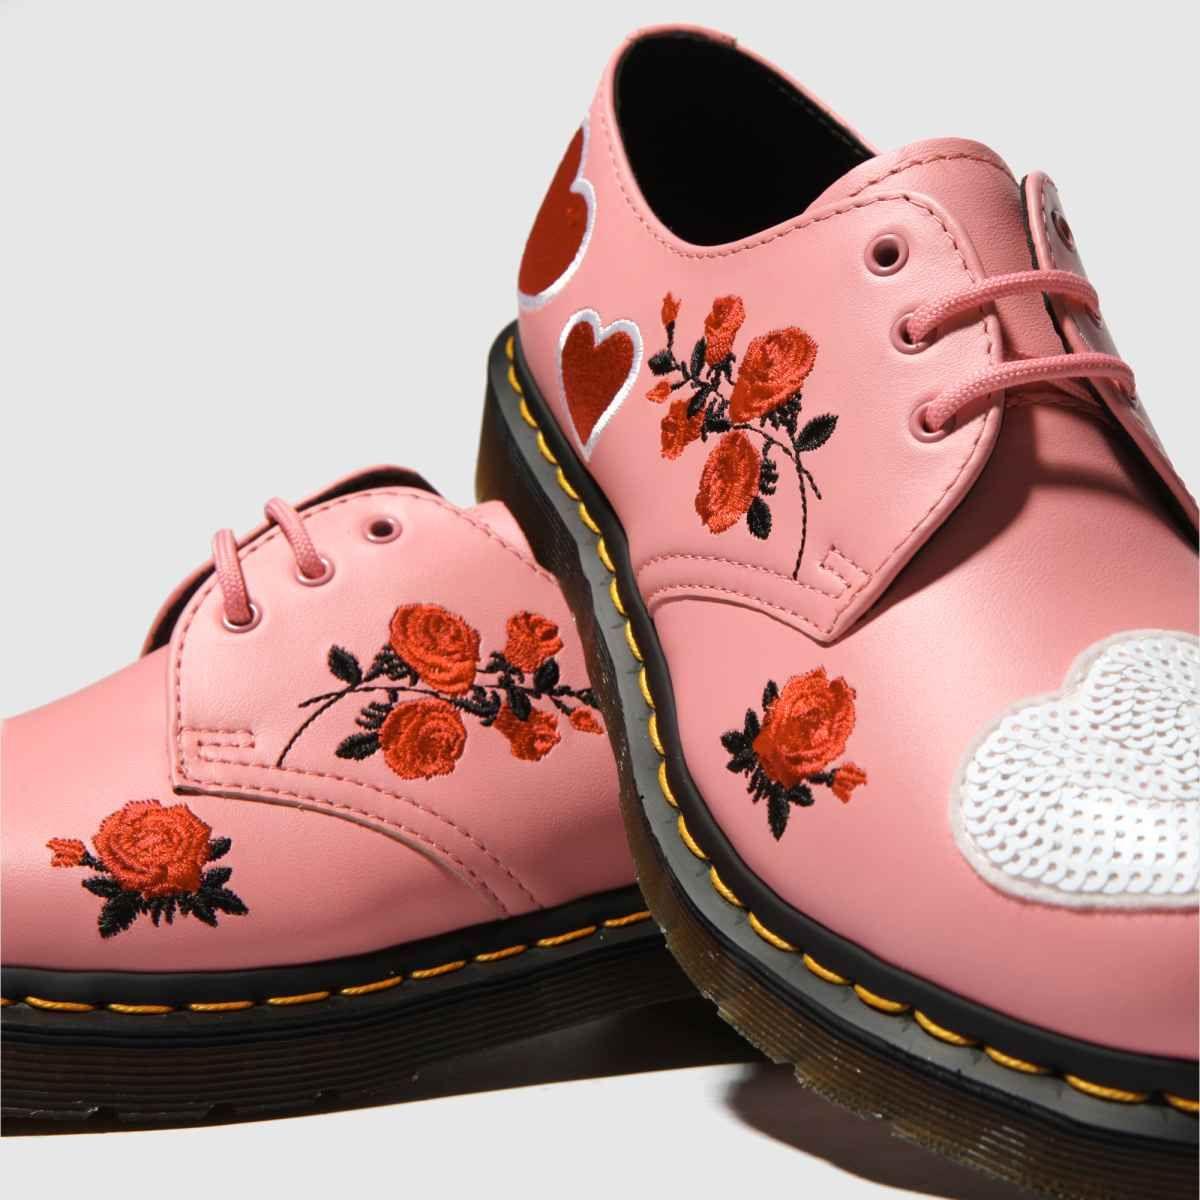 Dr. Martens 1461 Heart Shoe | Shoes